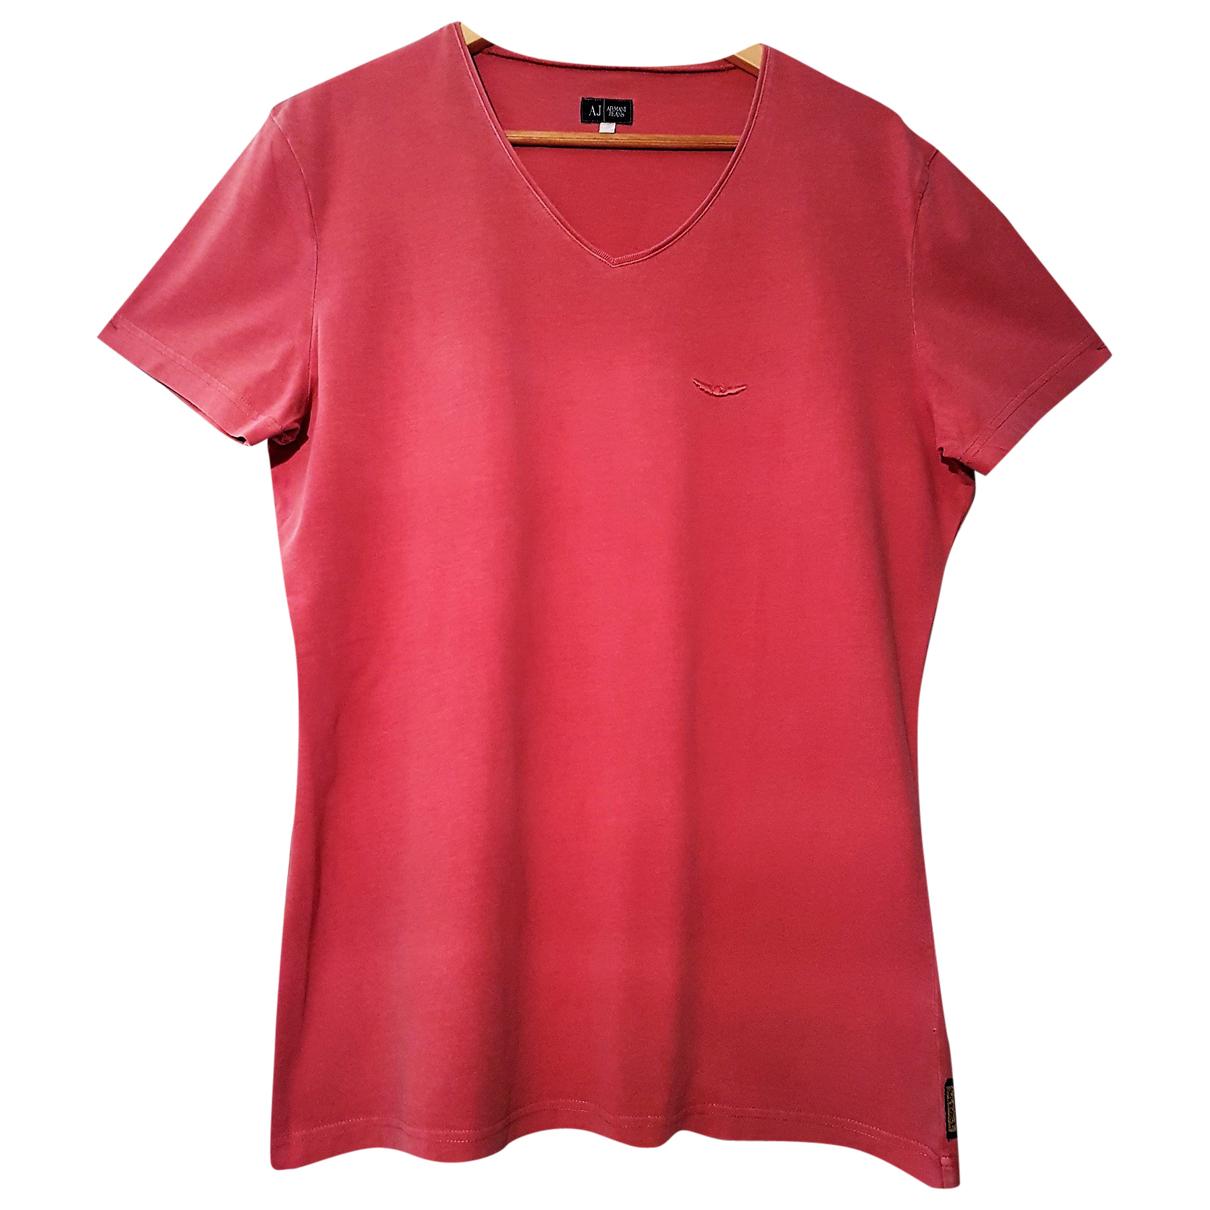 Armani Jean - Tee shirts   pour homme en coton - rouge